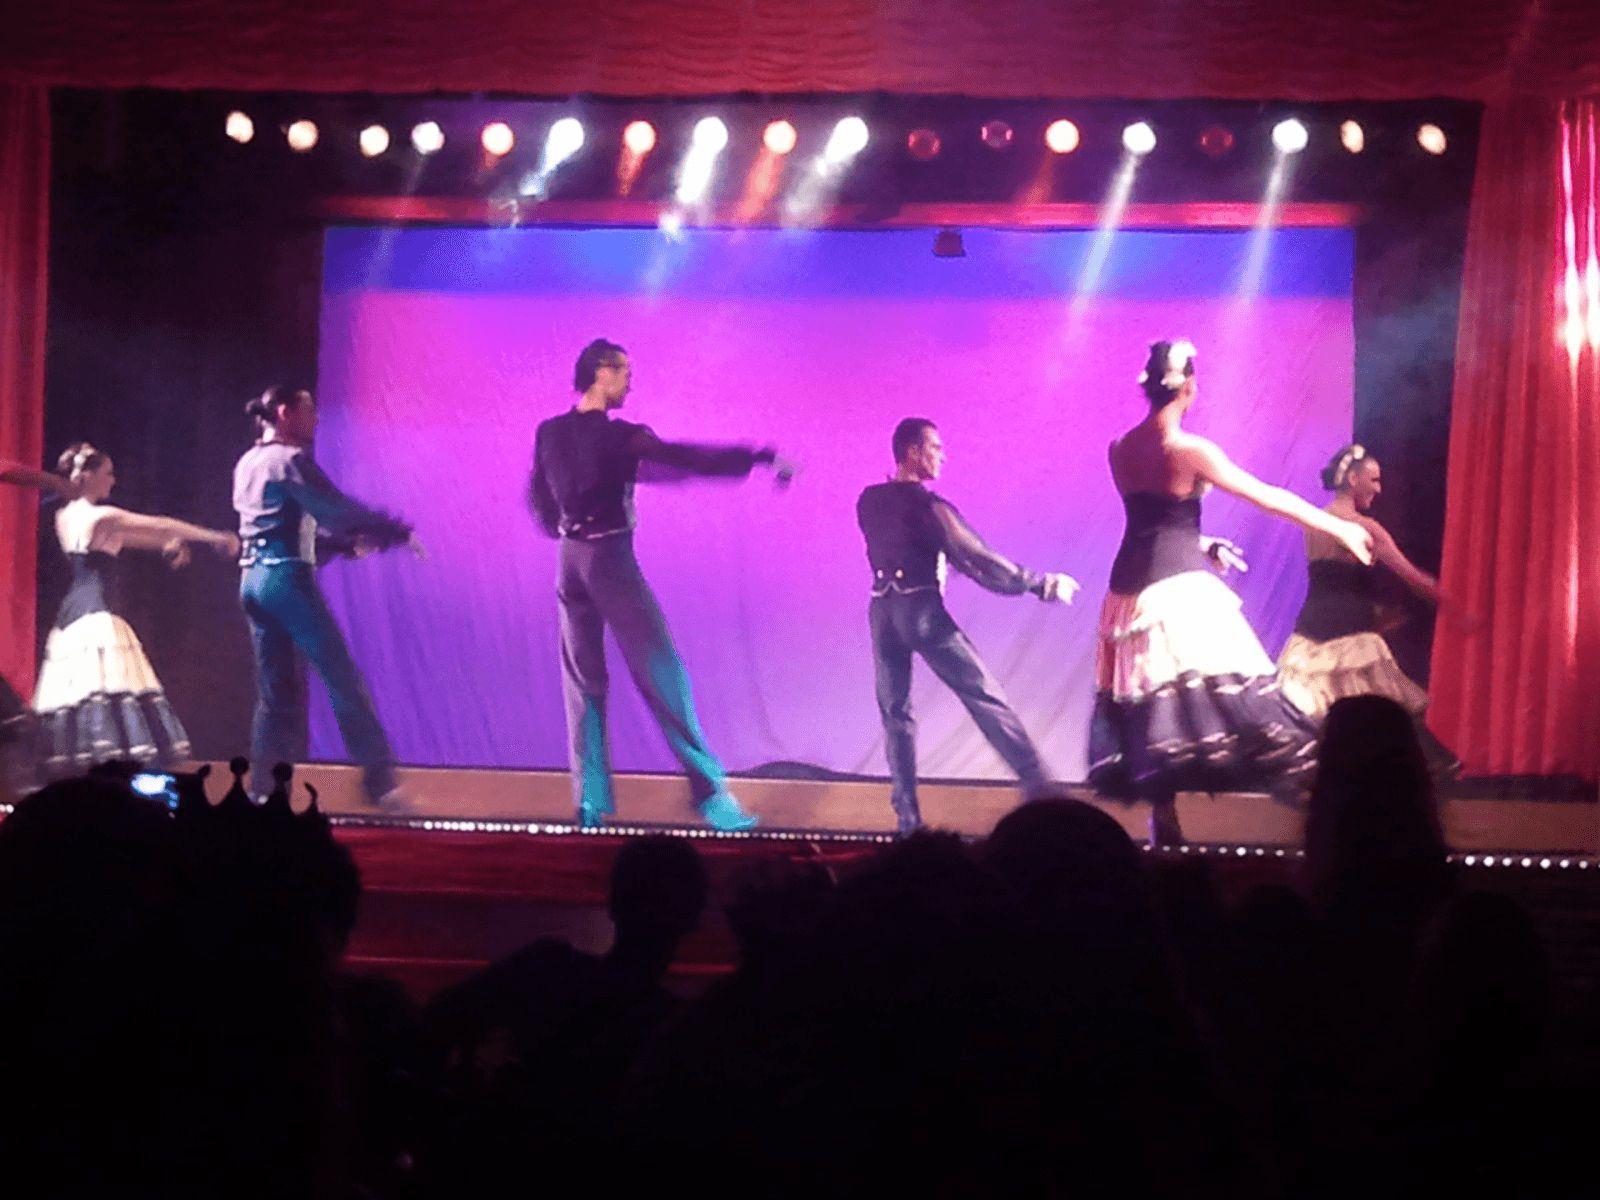 Španjolska i Gardaland: Lloret de Mar: Flamenco ples